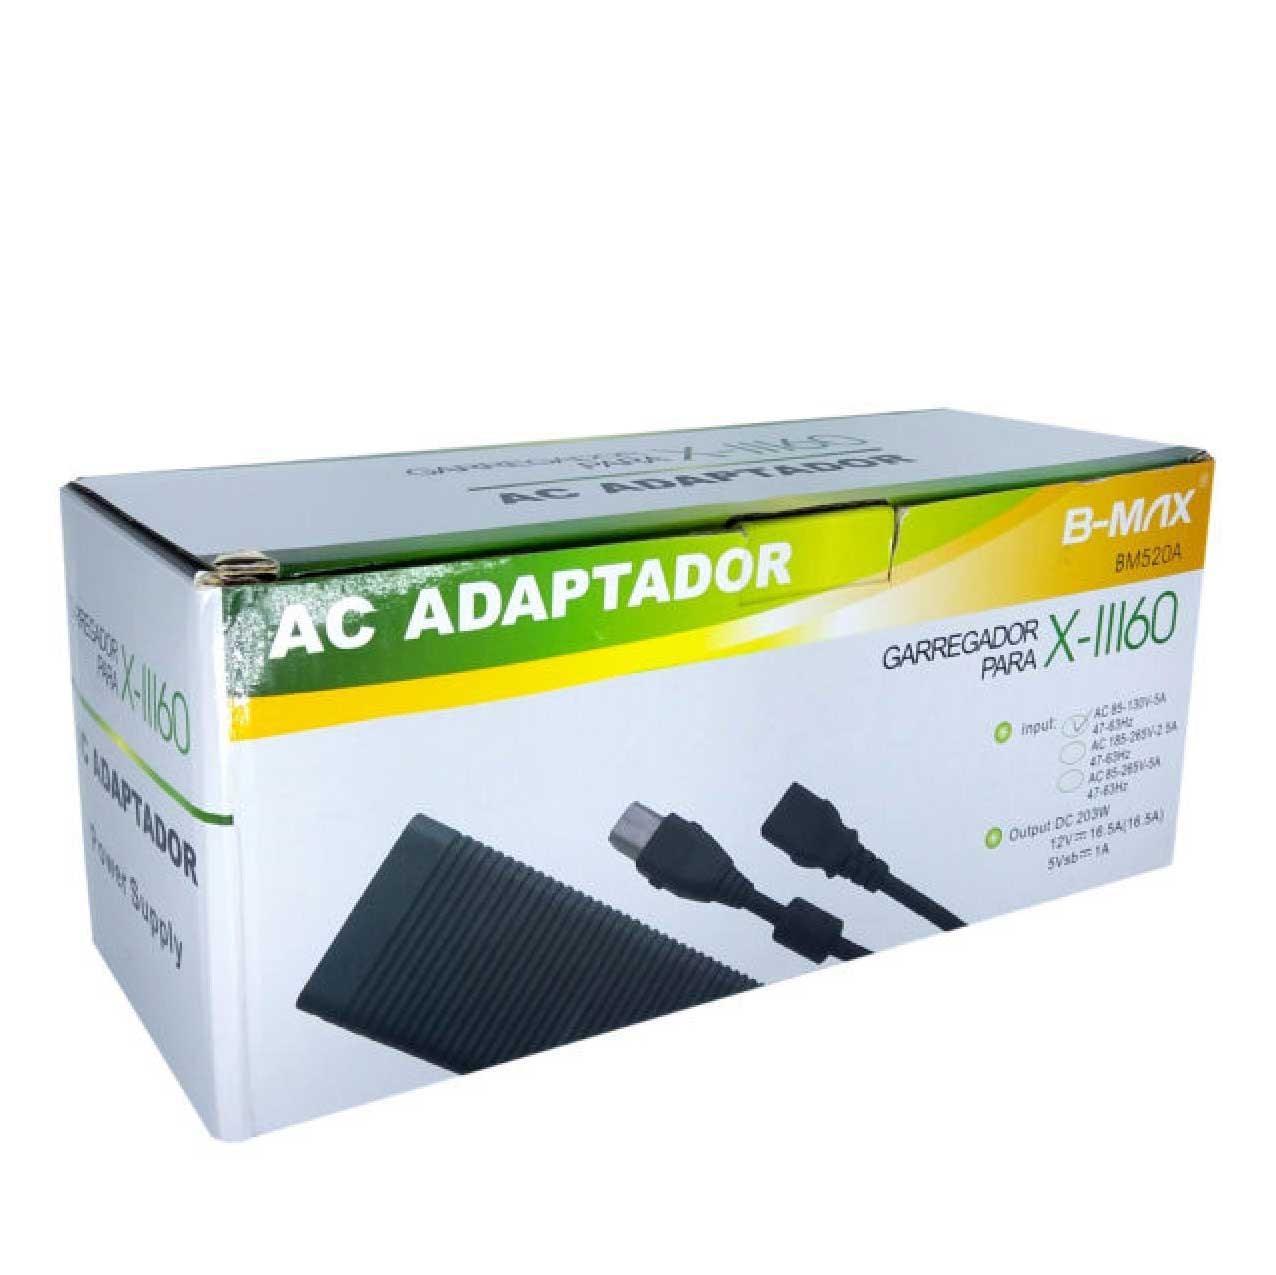 Fonte P/ Vídeo Game X-box Fat X-11160 AC Adaptador 220V B-MAX - BM520A